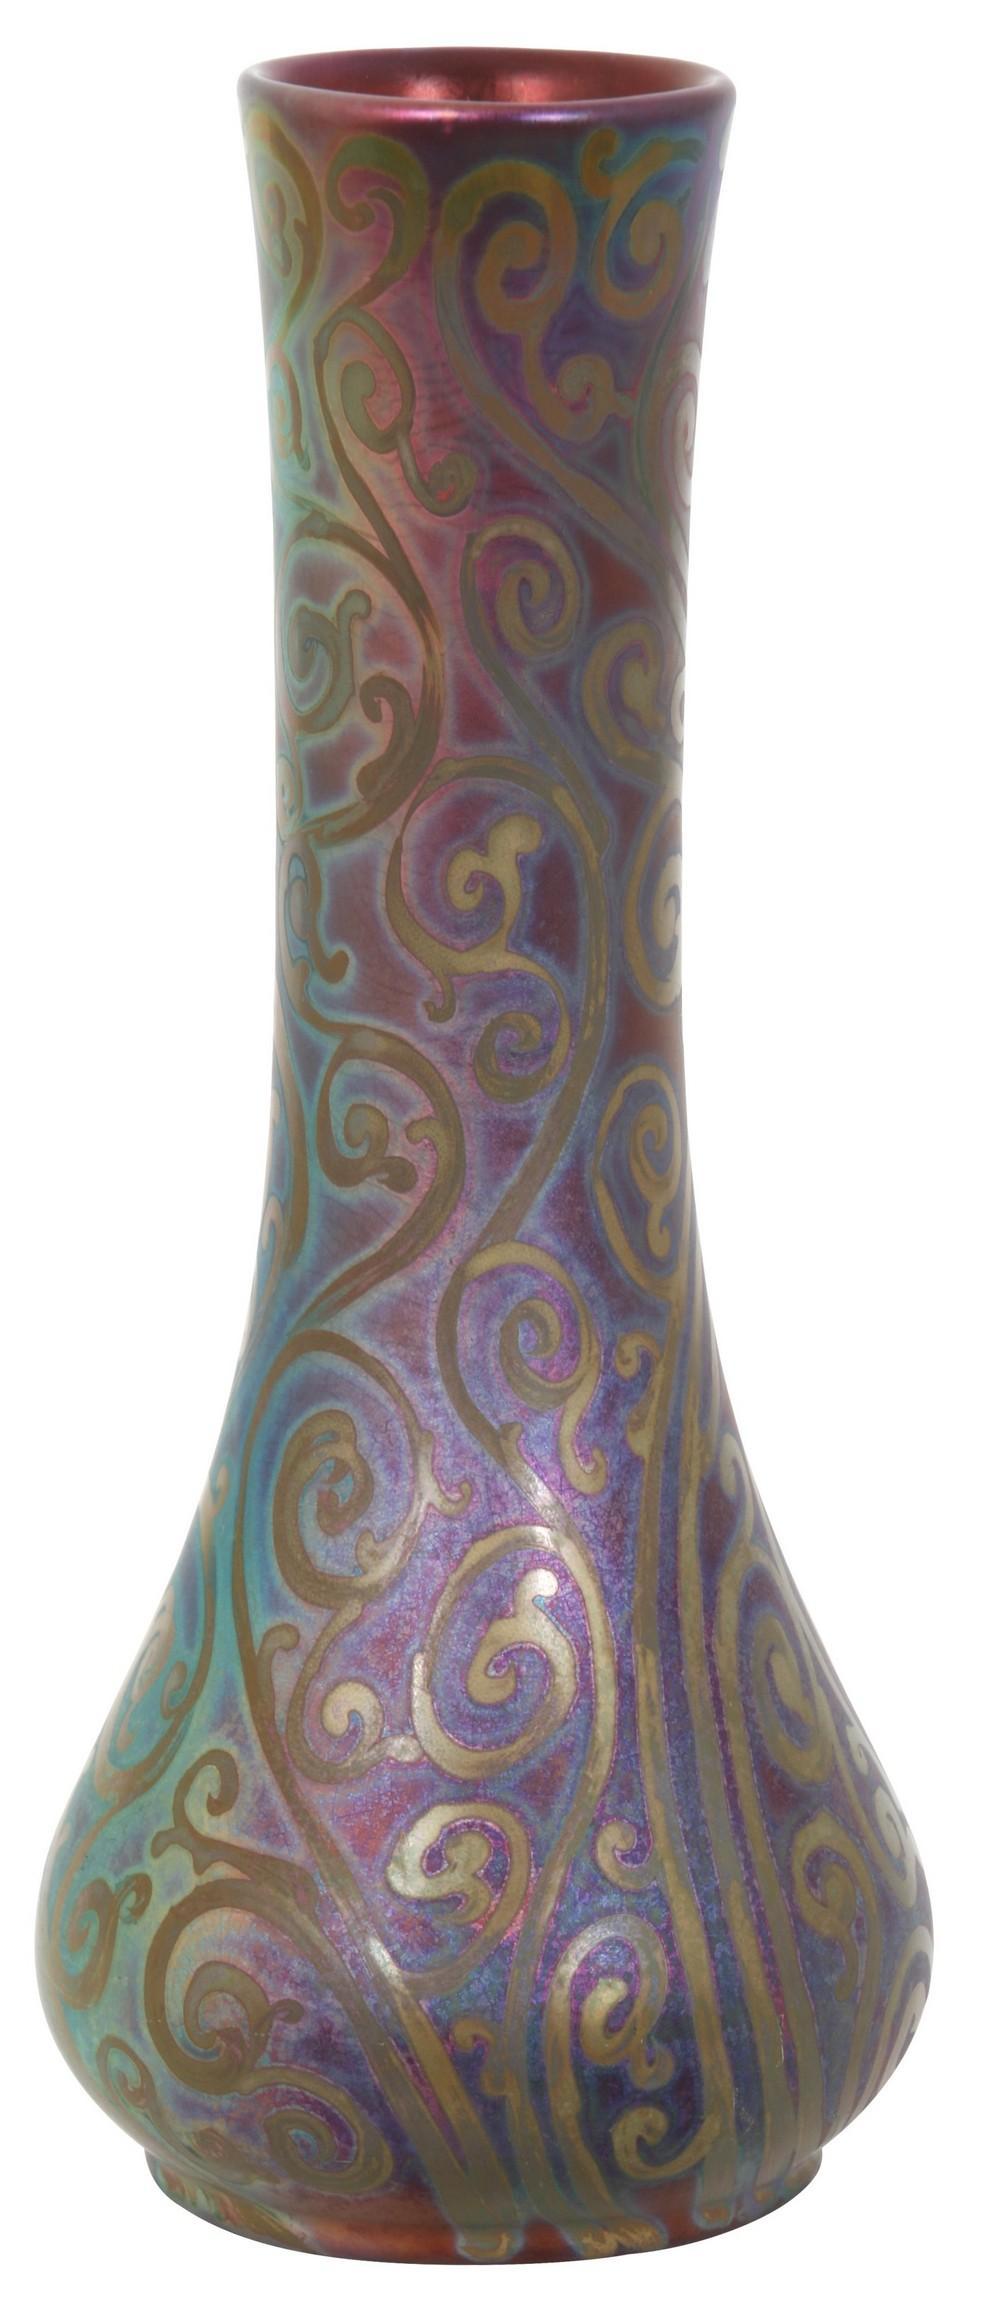 Weller Sicard Iridescent Vase